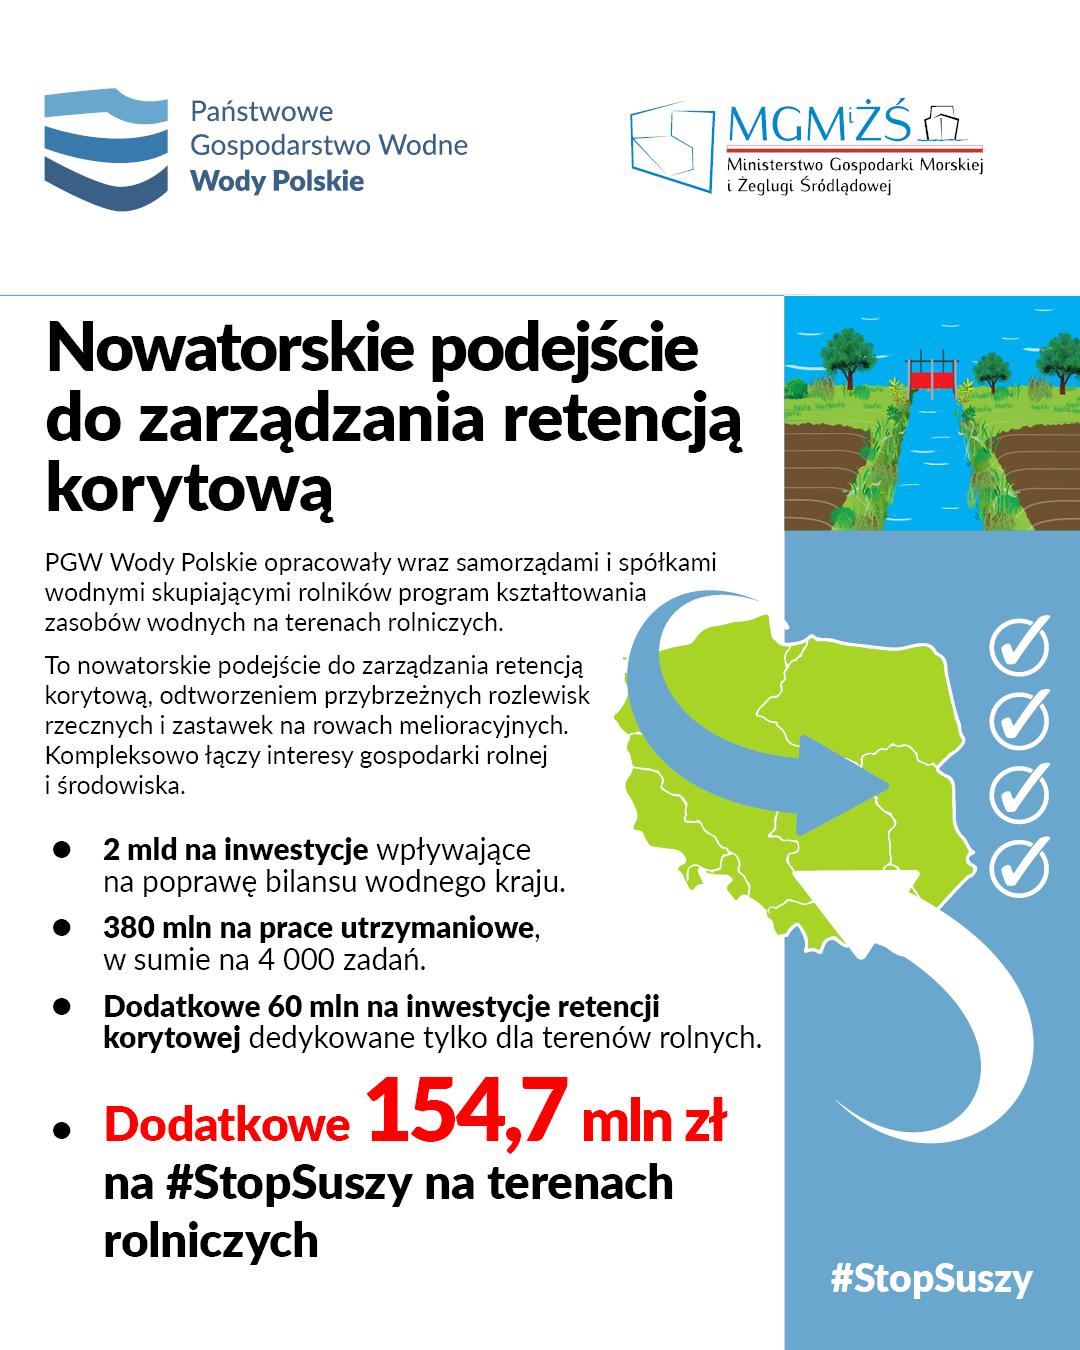 Nowatorskie podejscie2 Czyszczenie koryt rzek na terenie gminy i plany rozwoju retencji